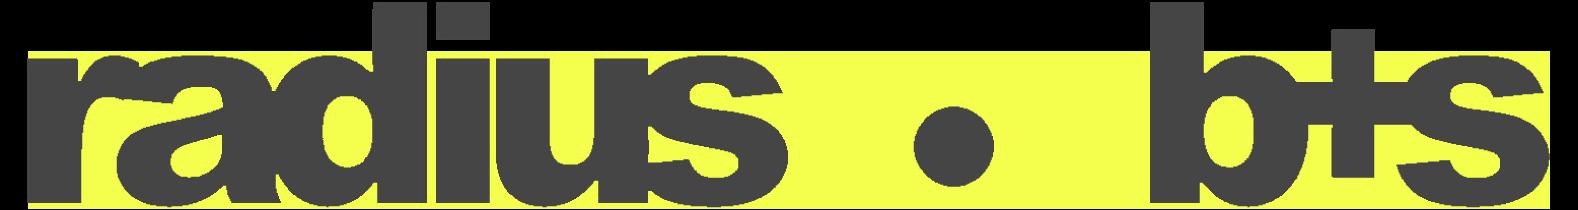 Radius B+S logo